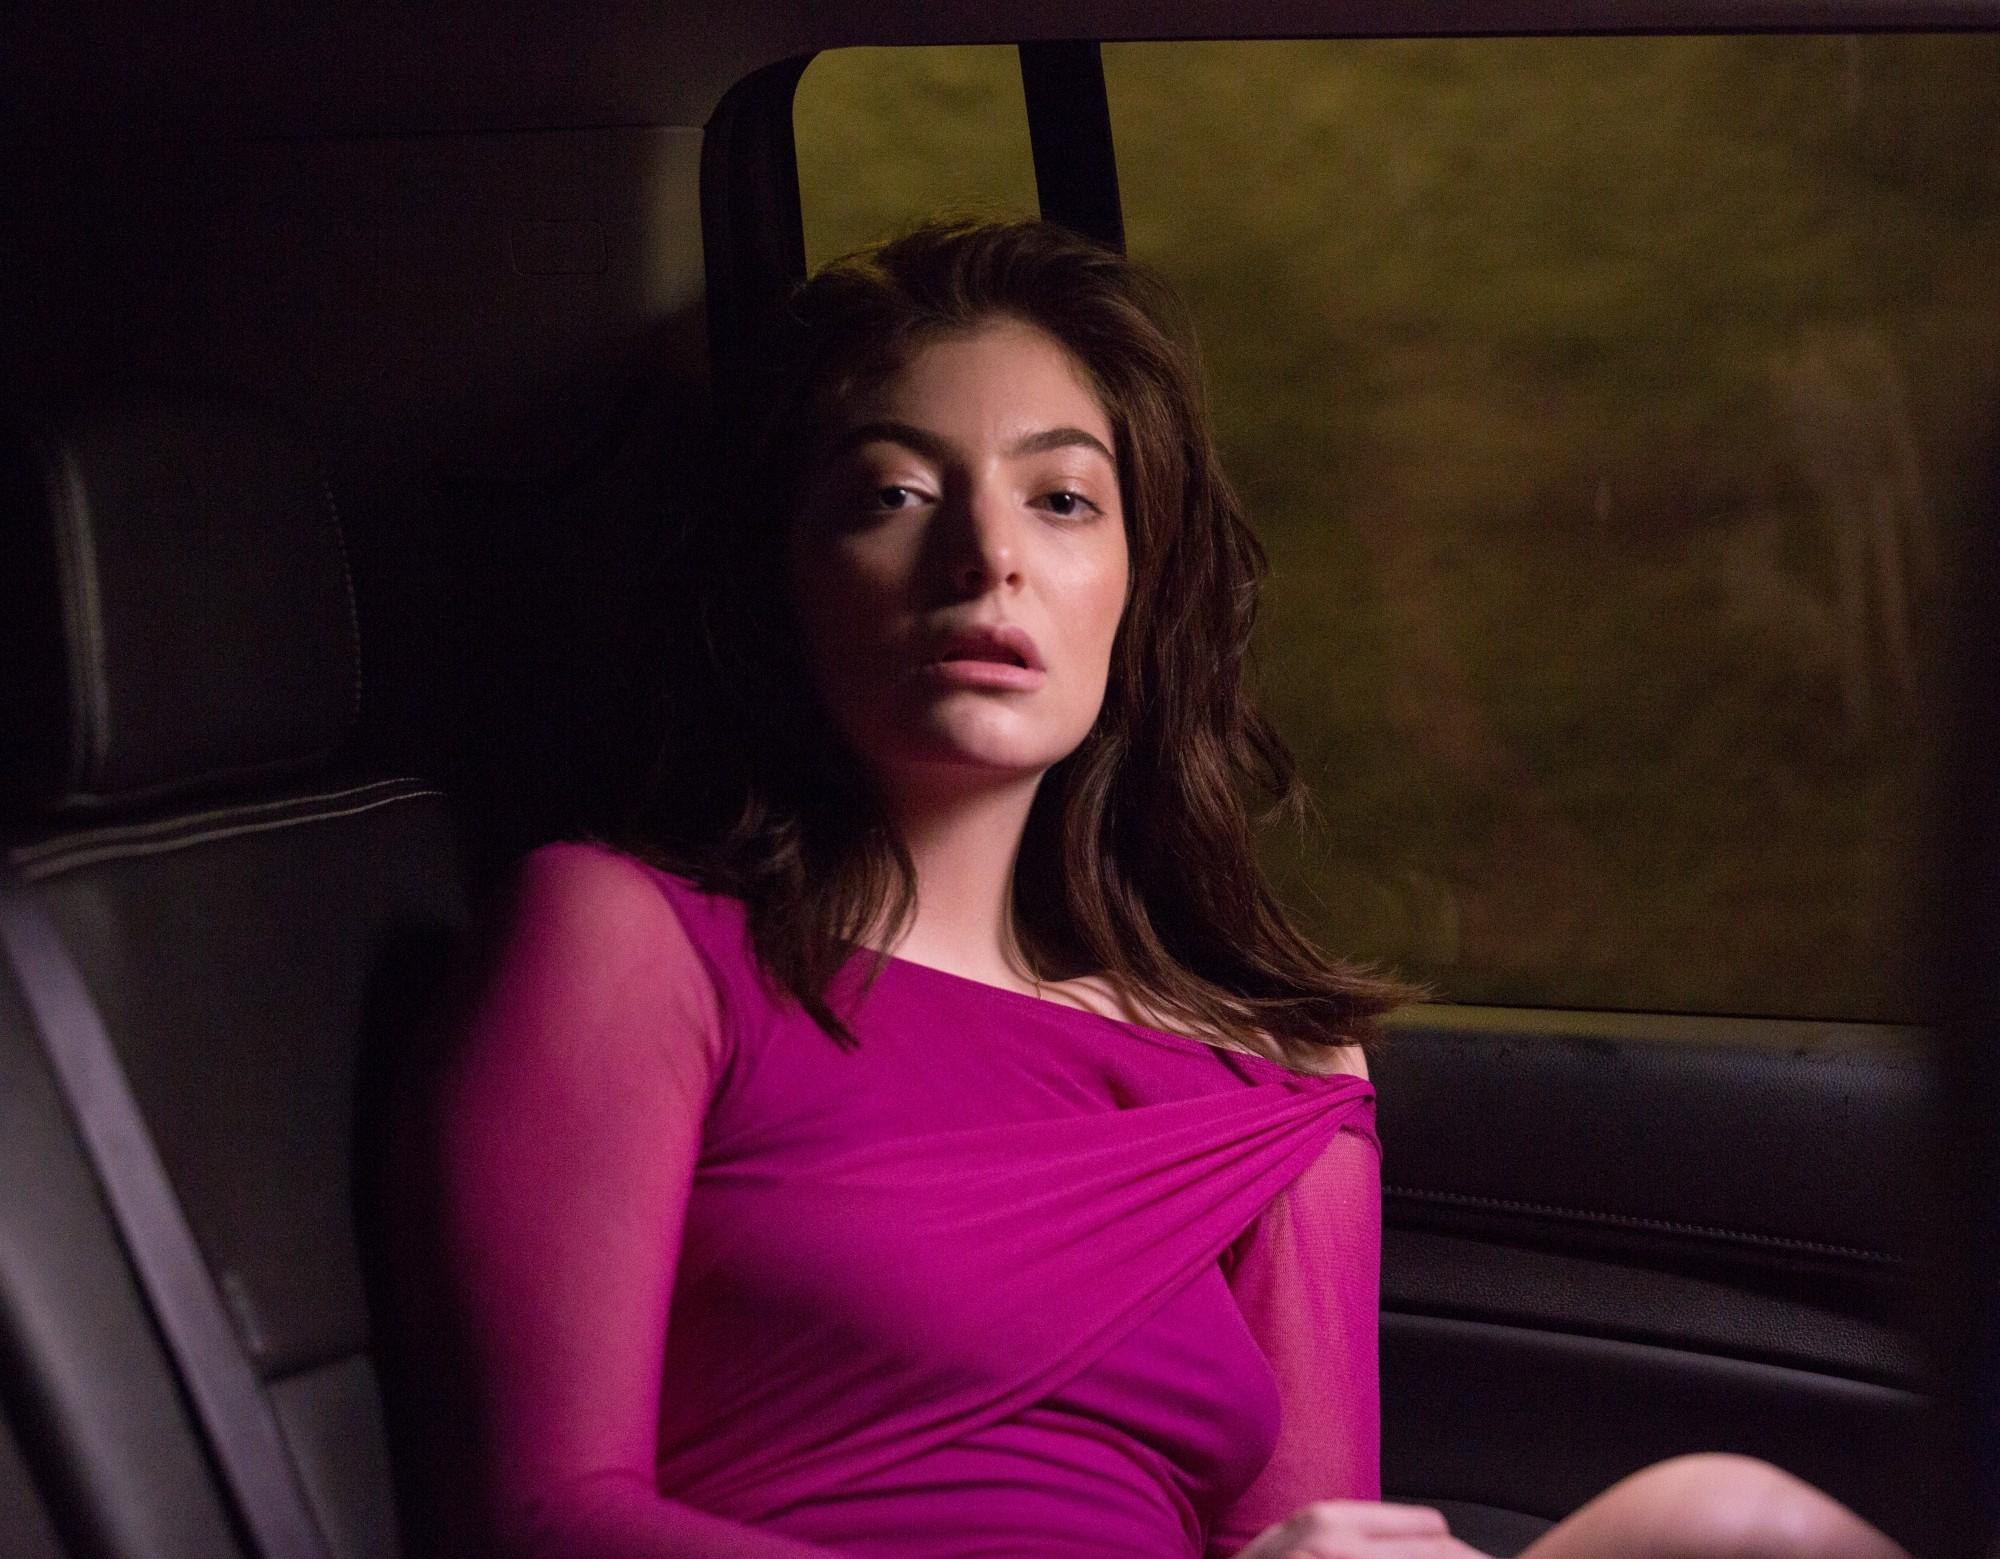 Un nouveau titre, retour sur sa carrière — Lorde